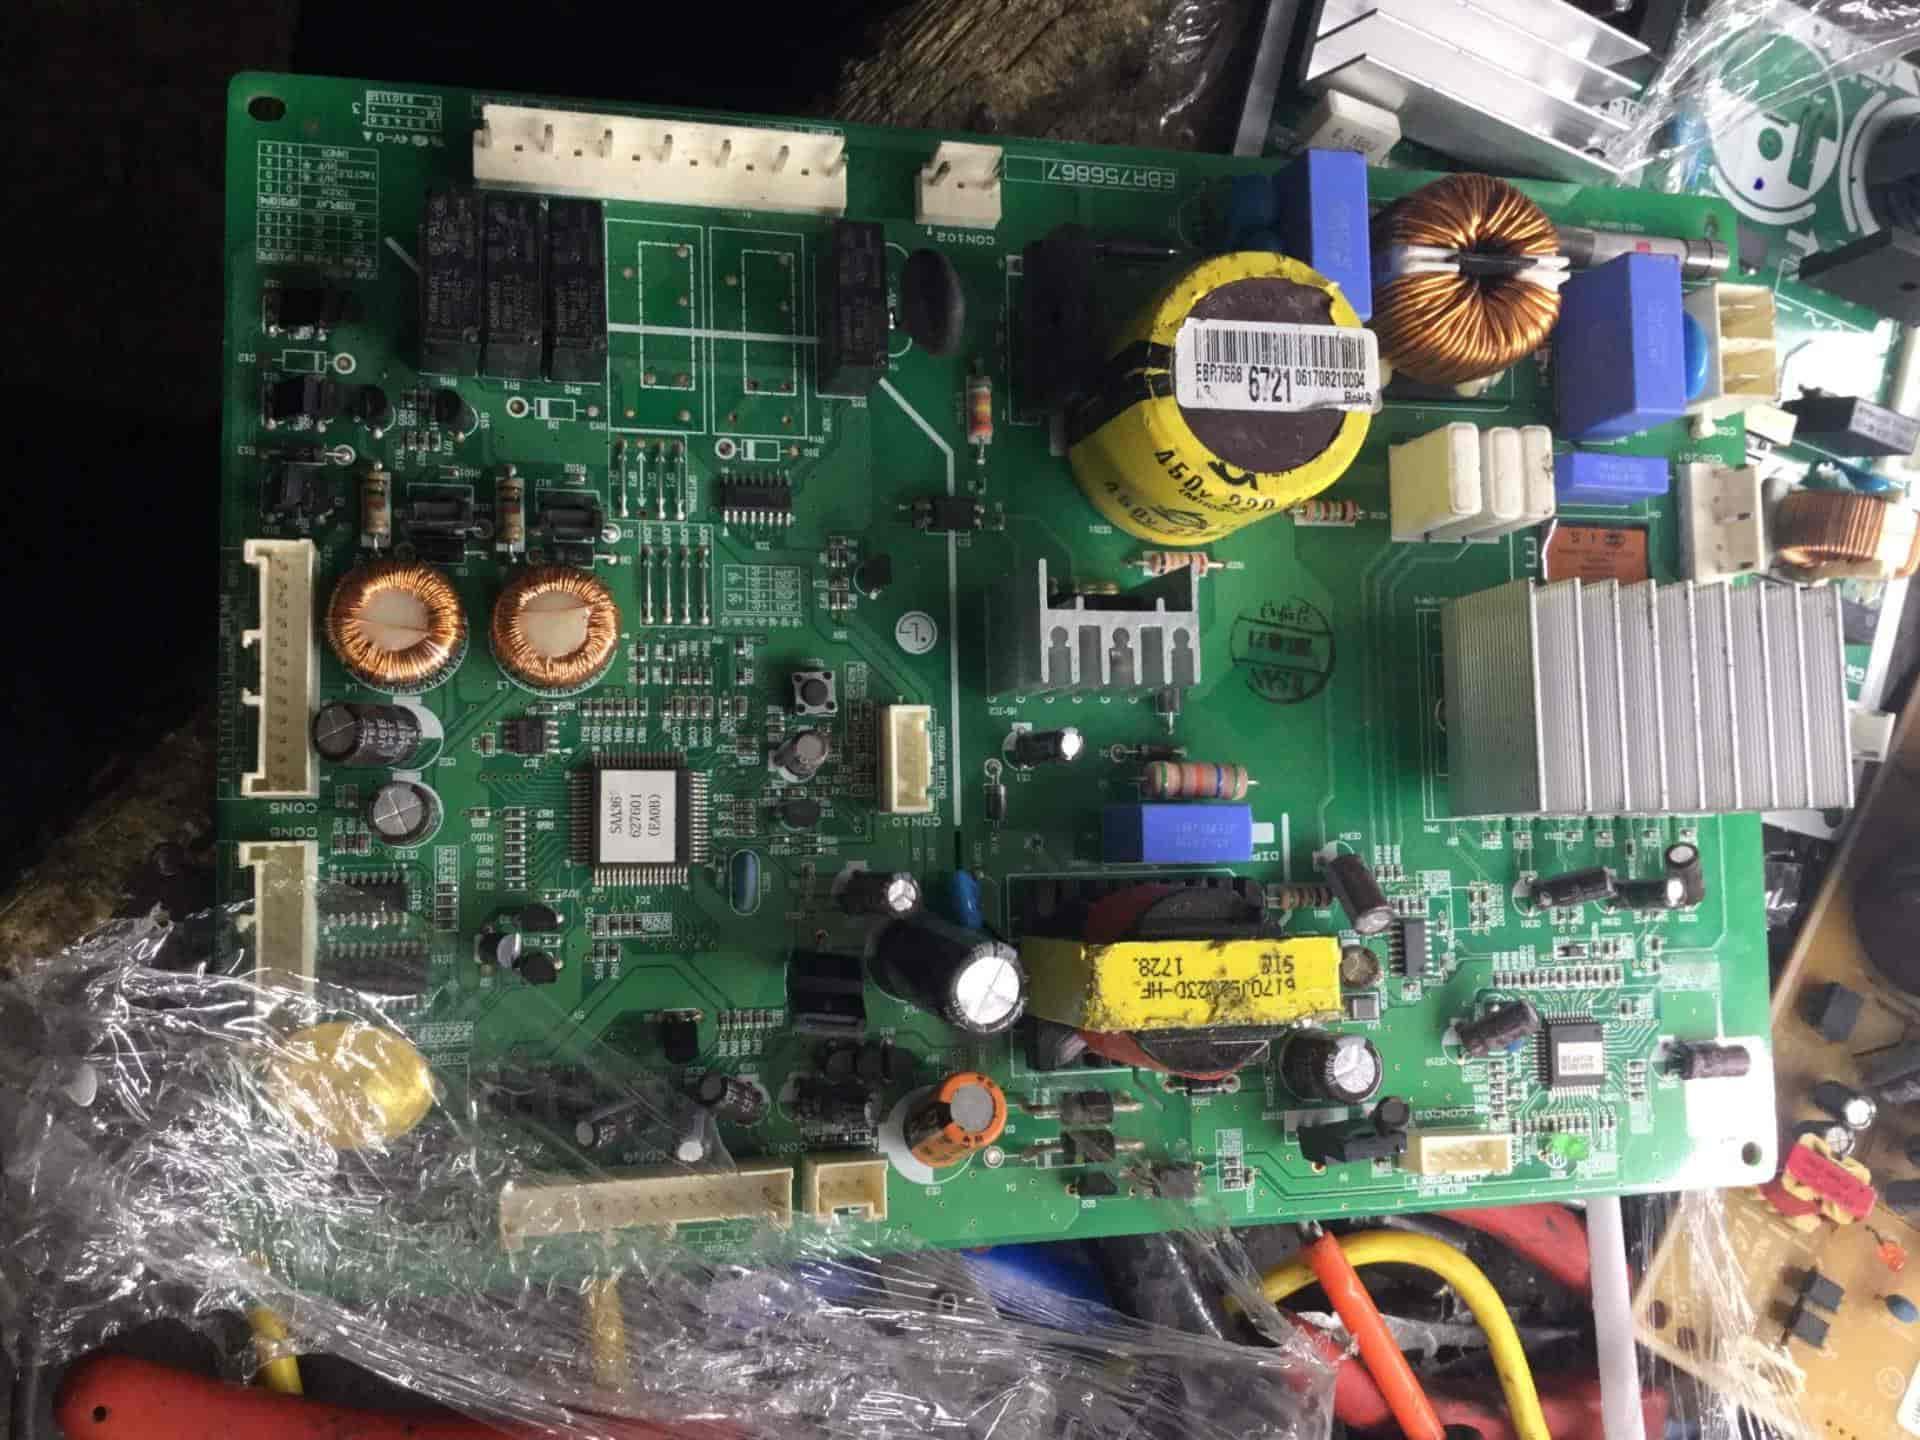 Top Printed Circuit Board Tester Repair & Services in